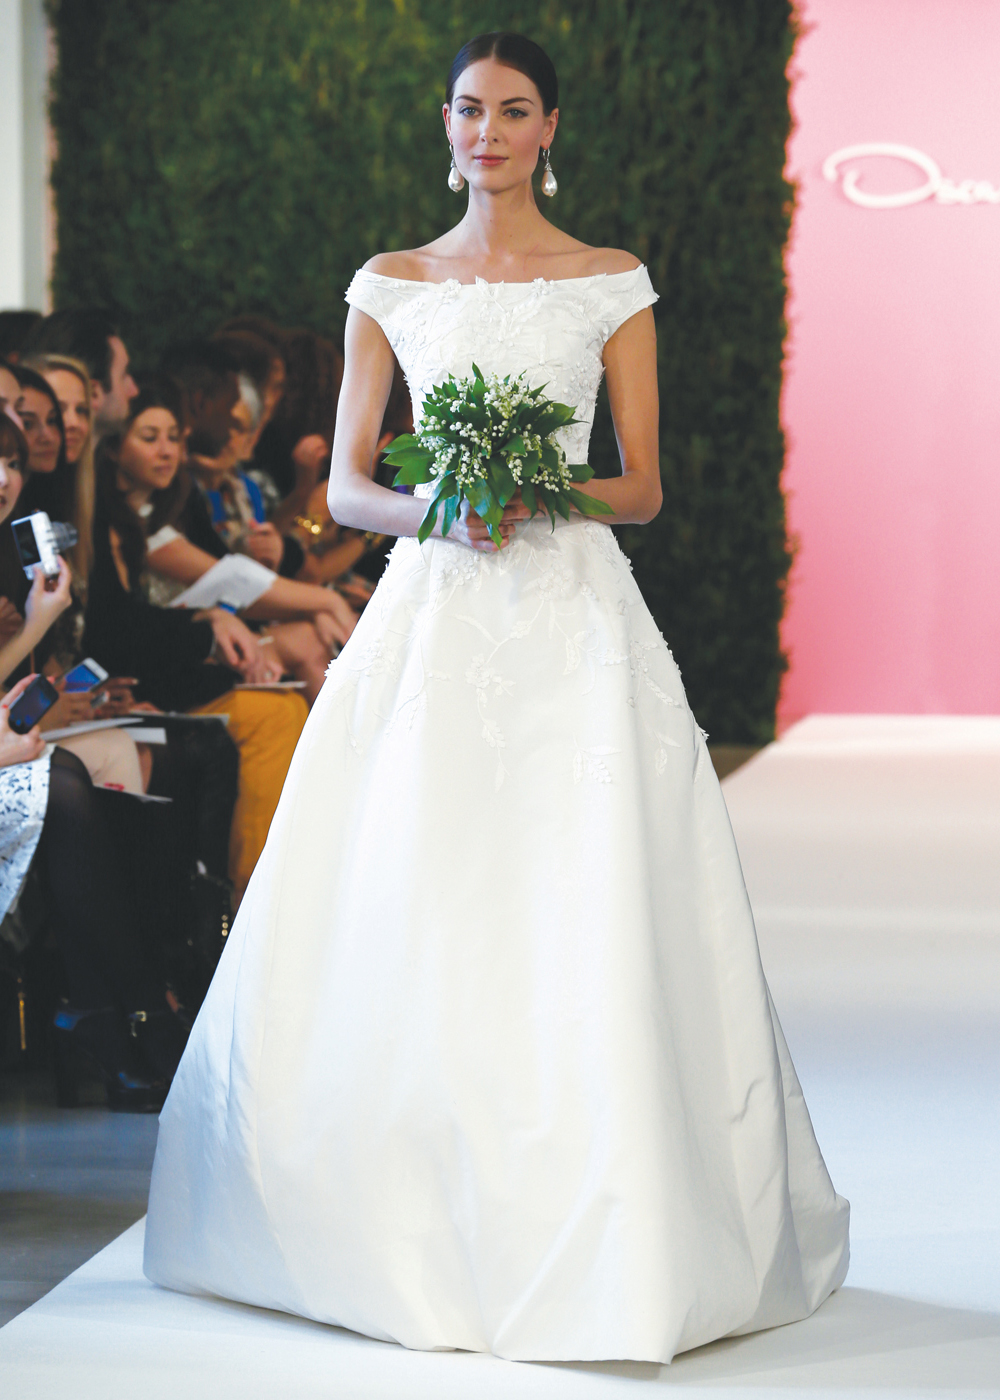 Oscar De La Renta Bridal Wedding Gowns In Ny Nj Ct And Pa